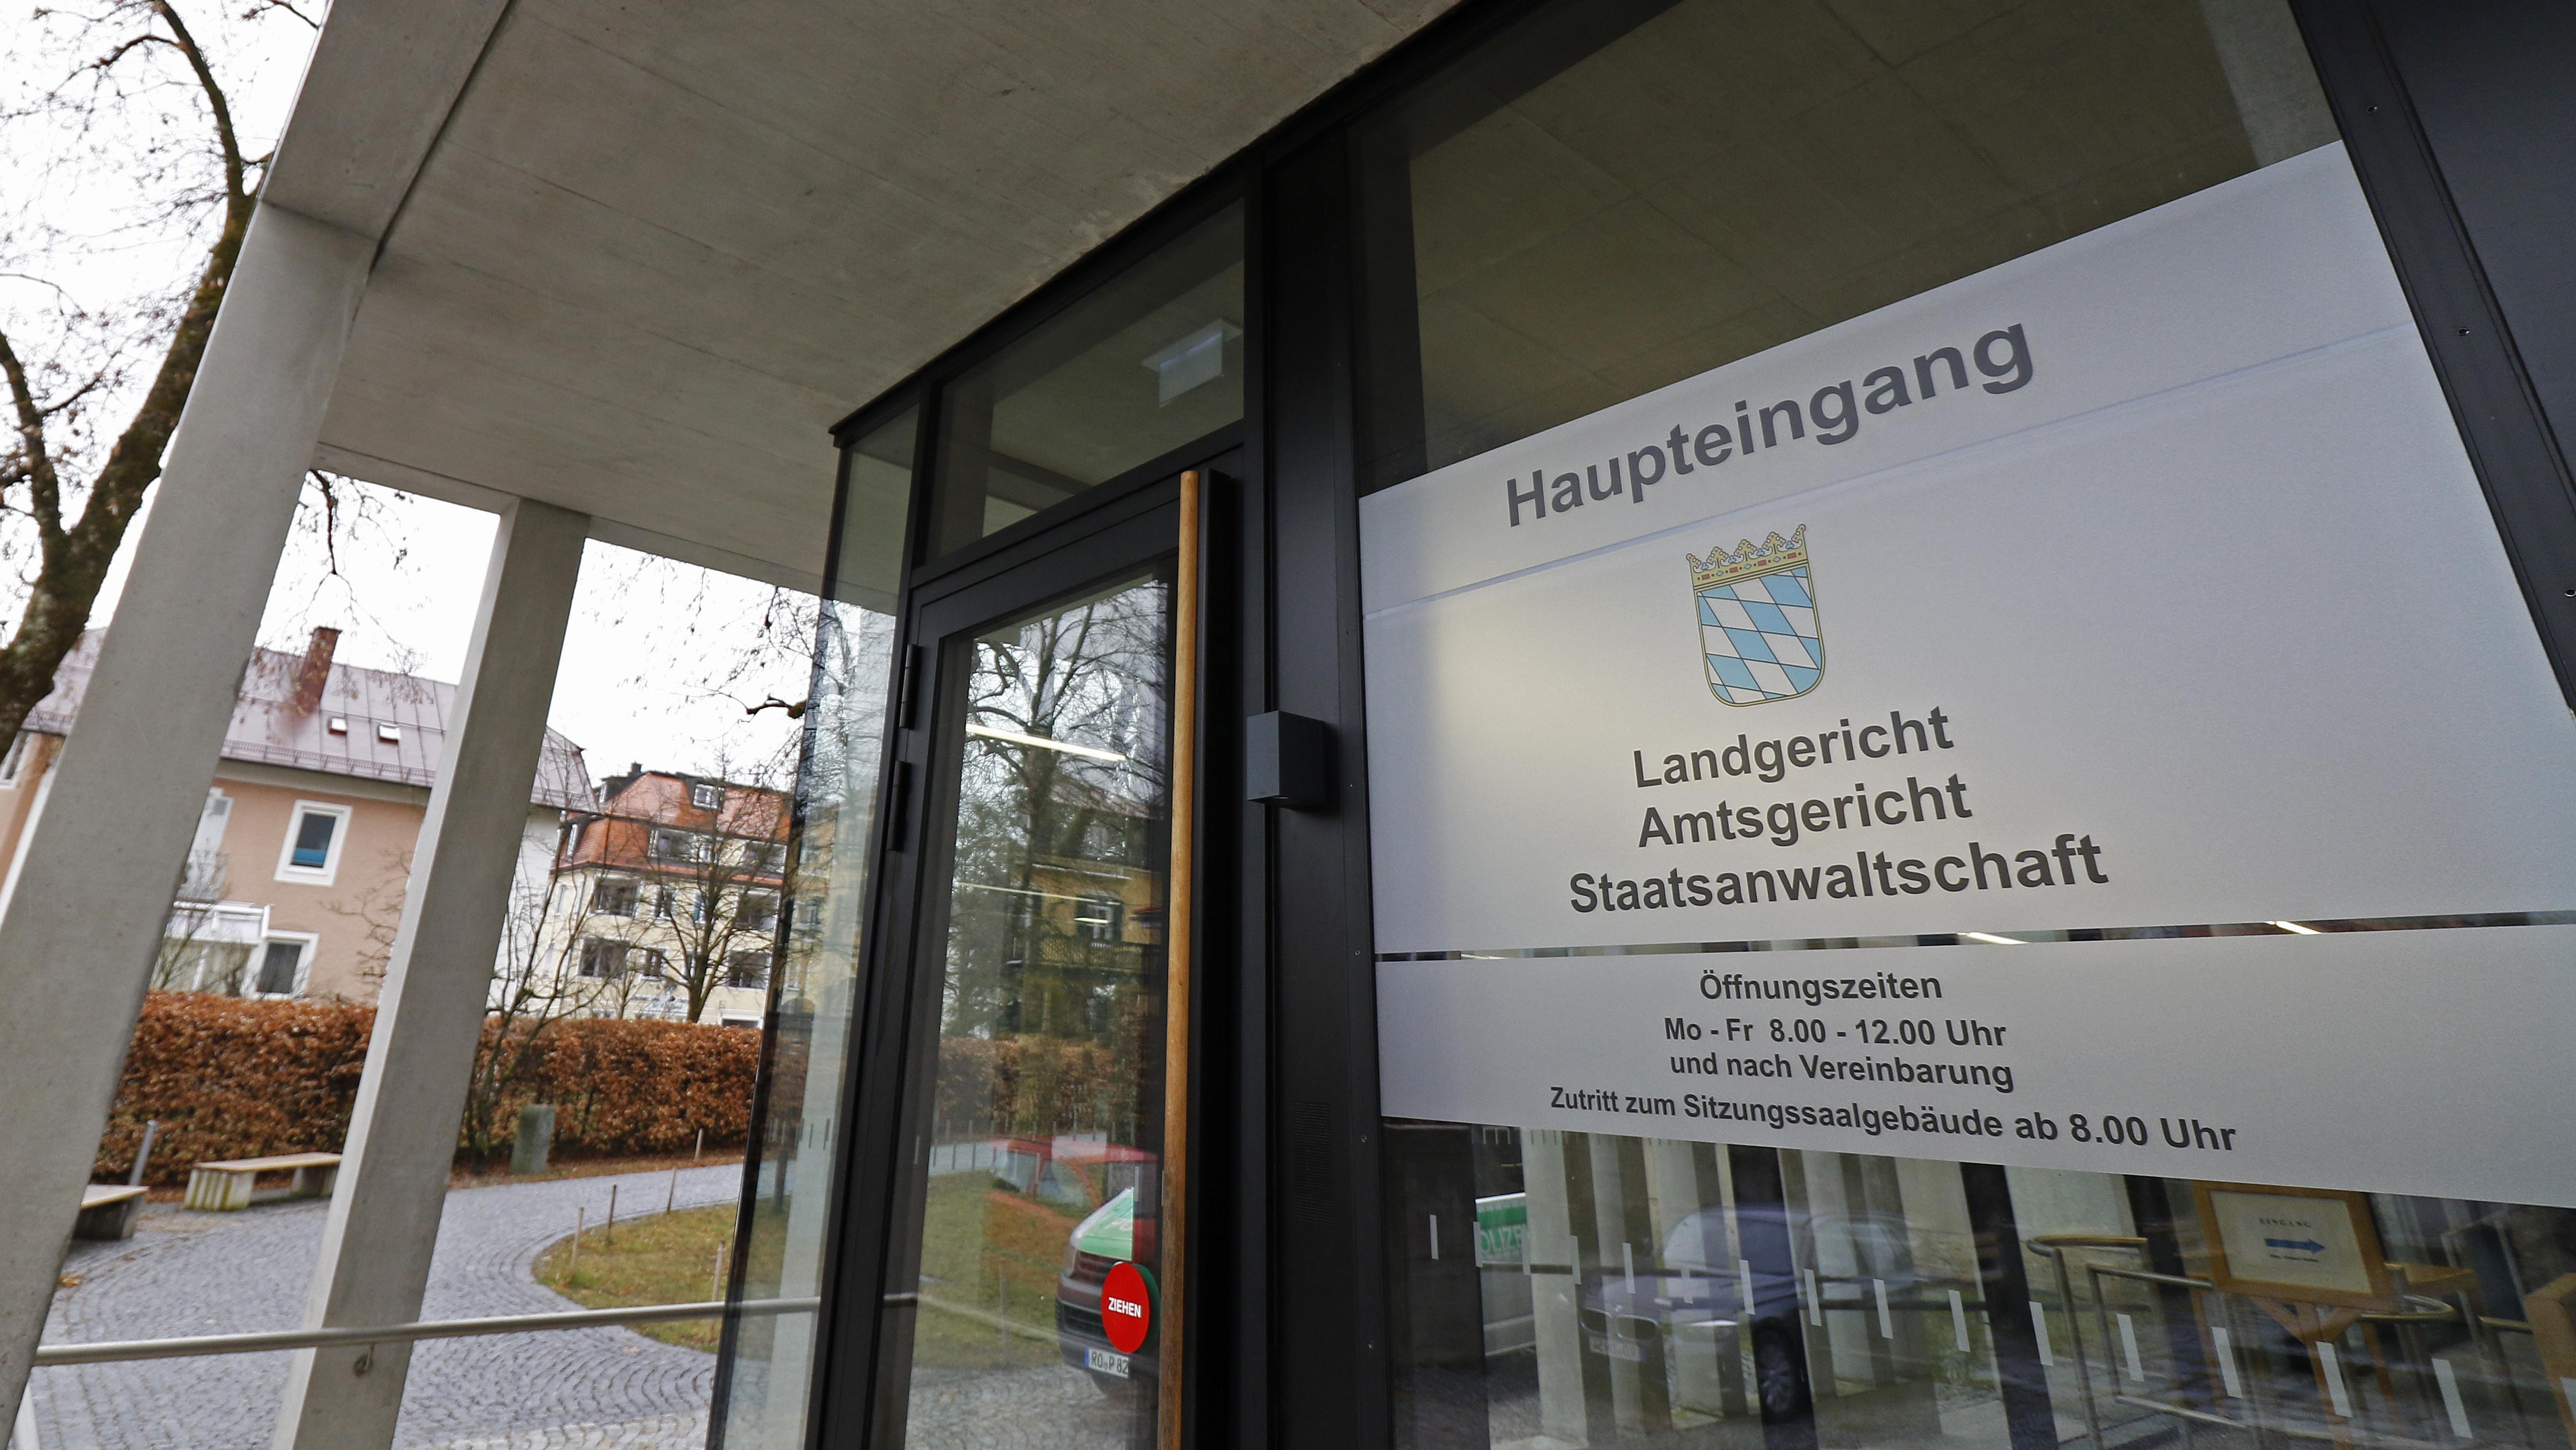 Außenansicht des Justizgebäudes am Landgericht in Traunstein